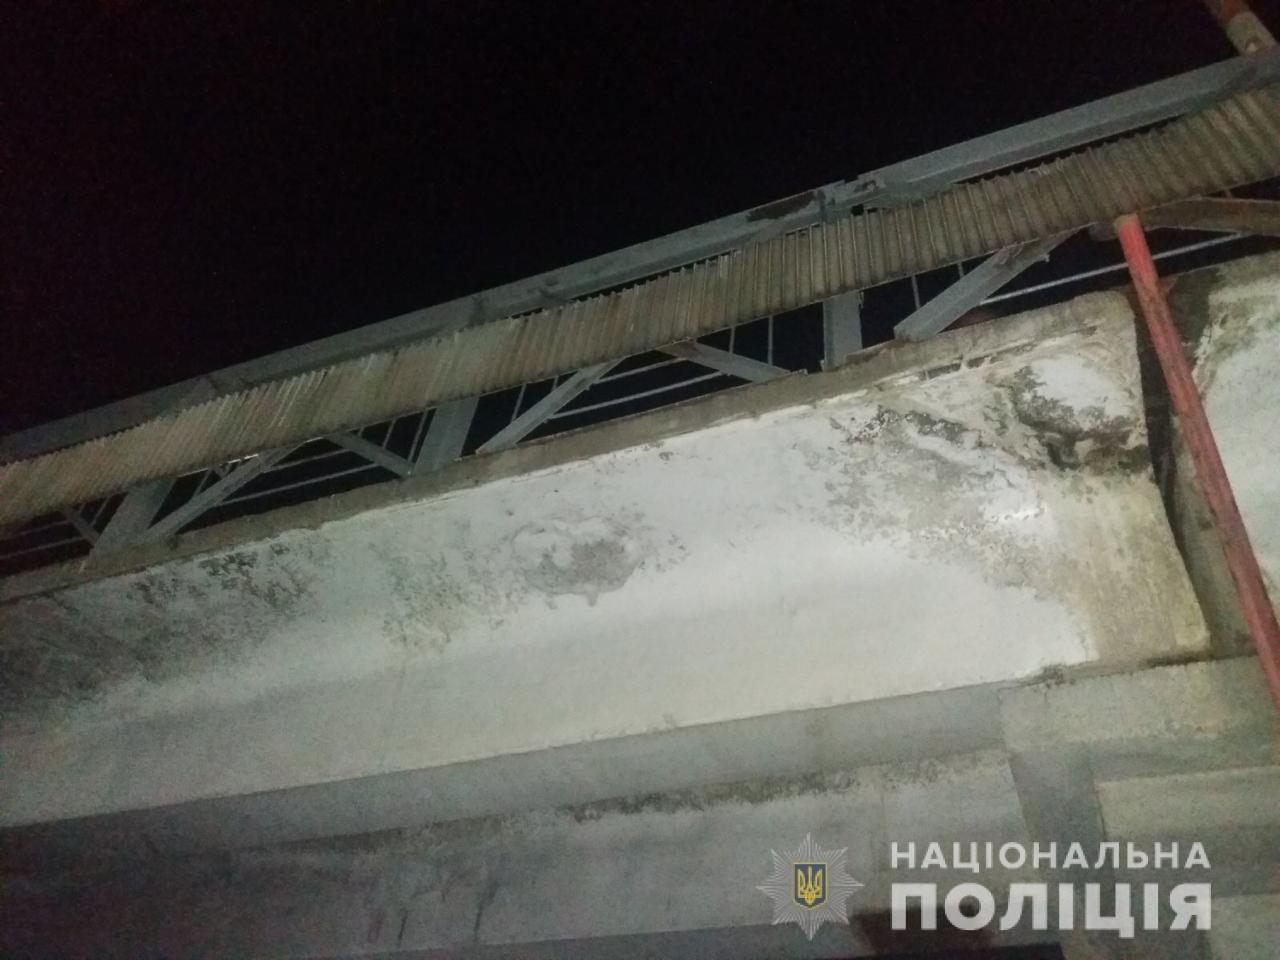 """В Днепре пьяный мужчина """"заминировал"""" железнодорожный вокзал, - ФОТО, фото-1"""